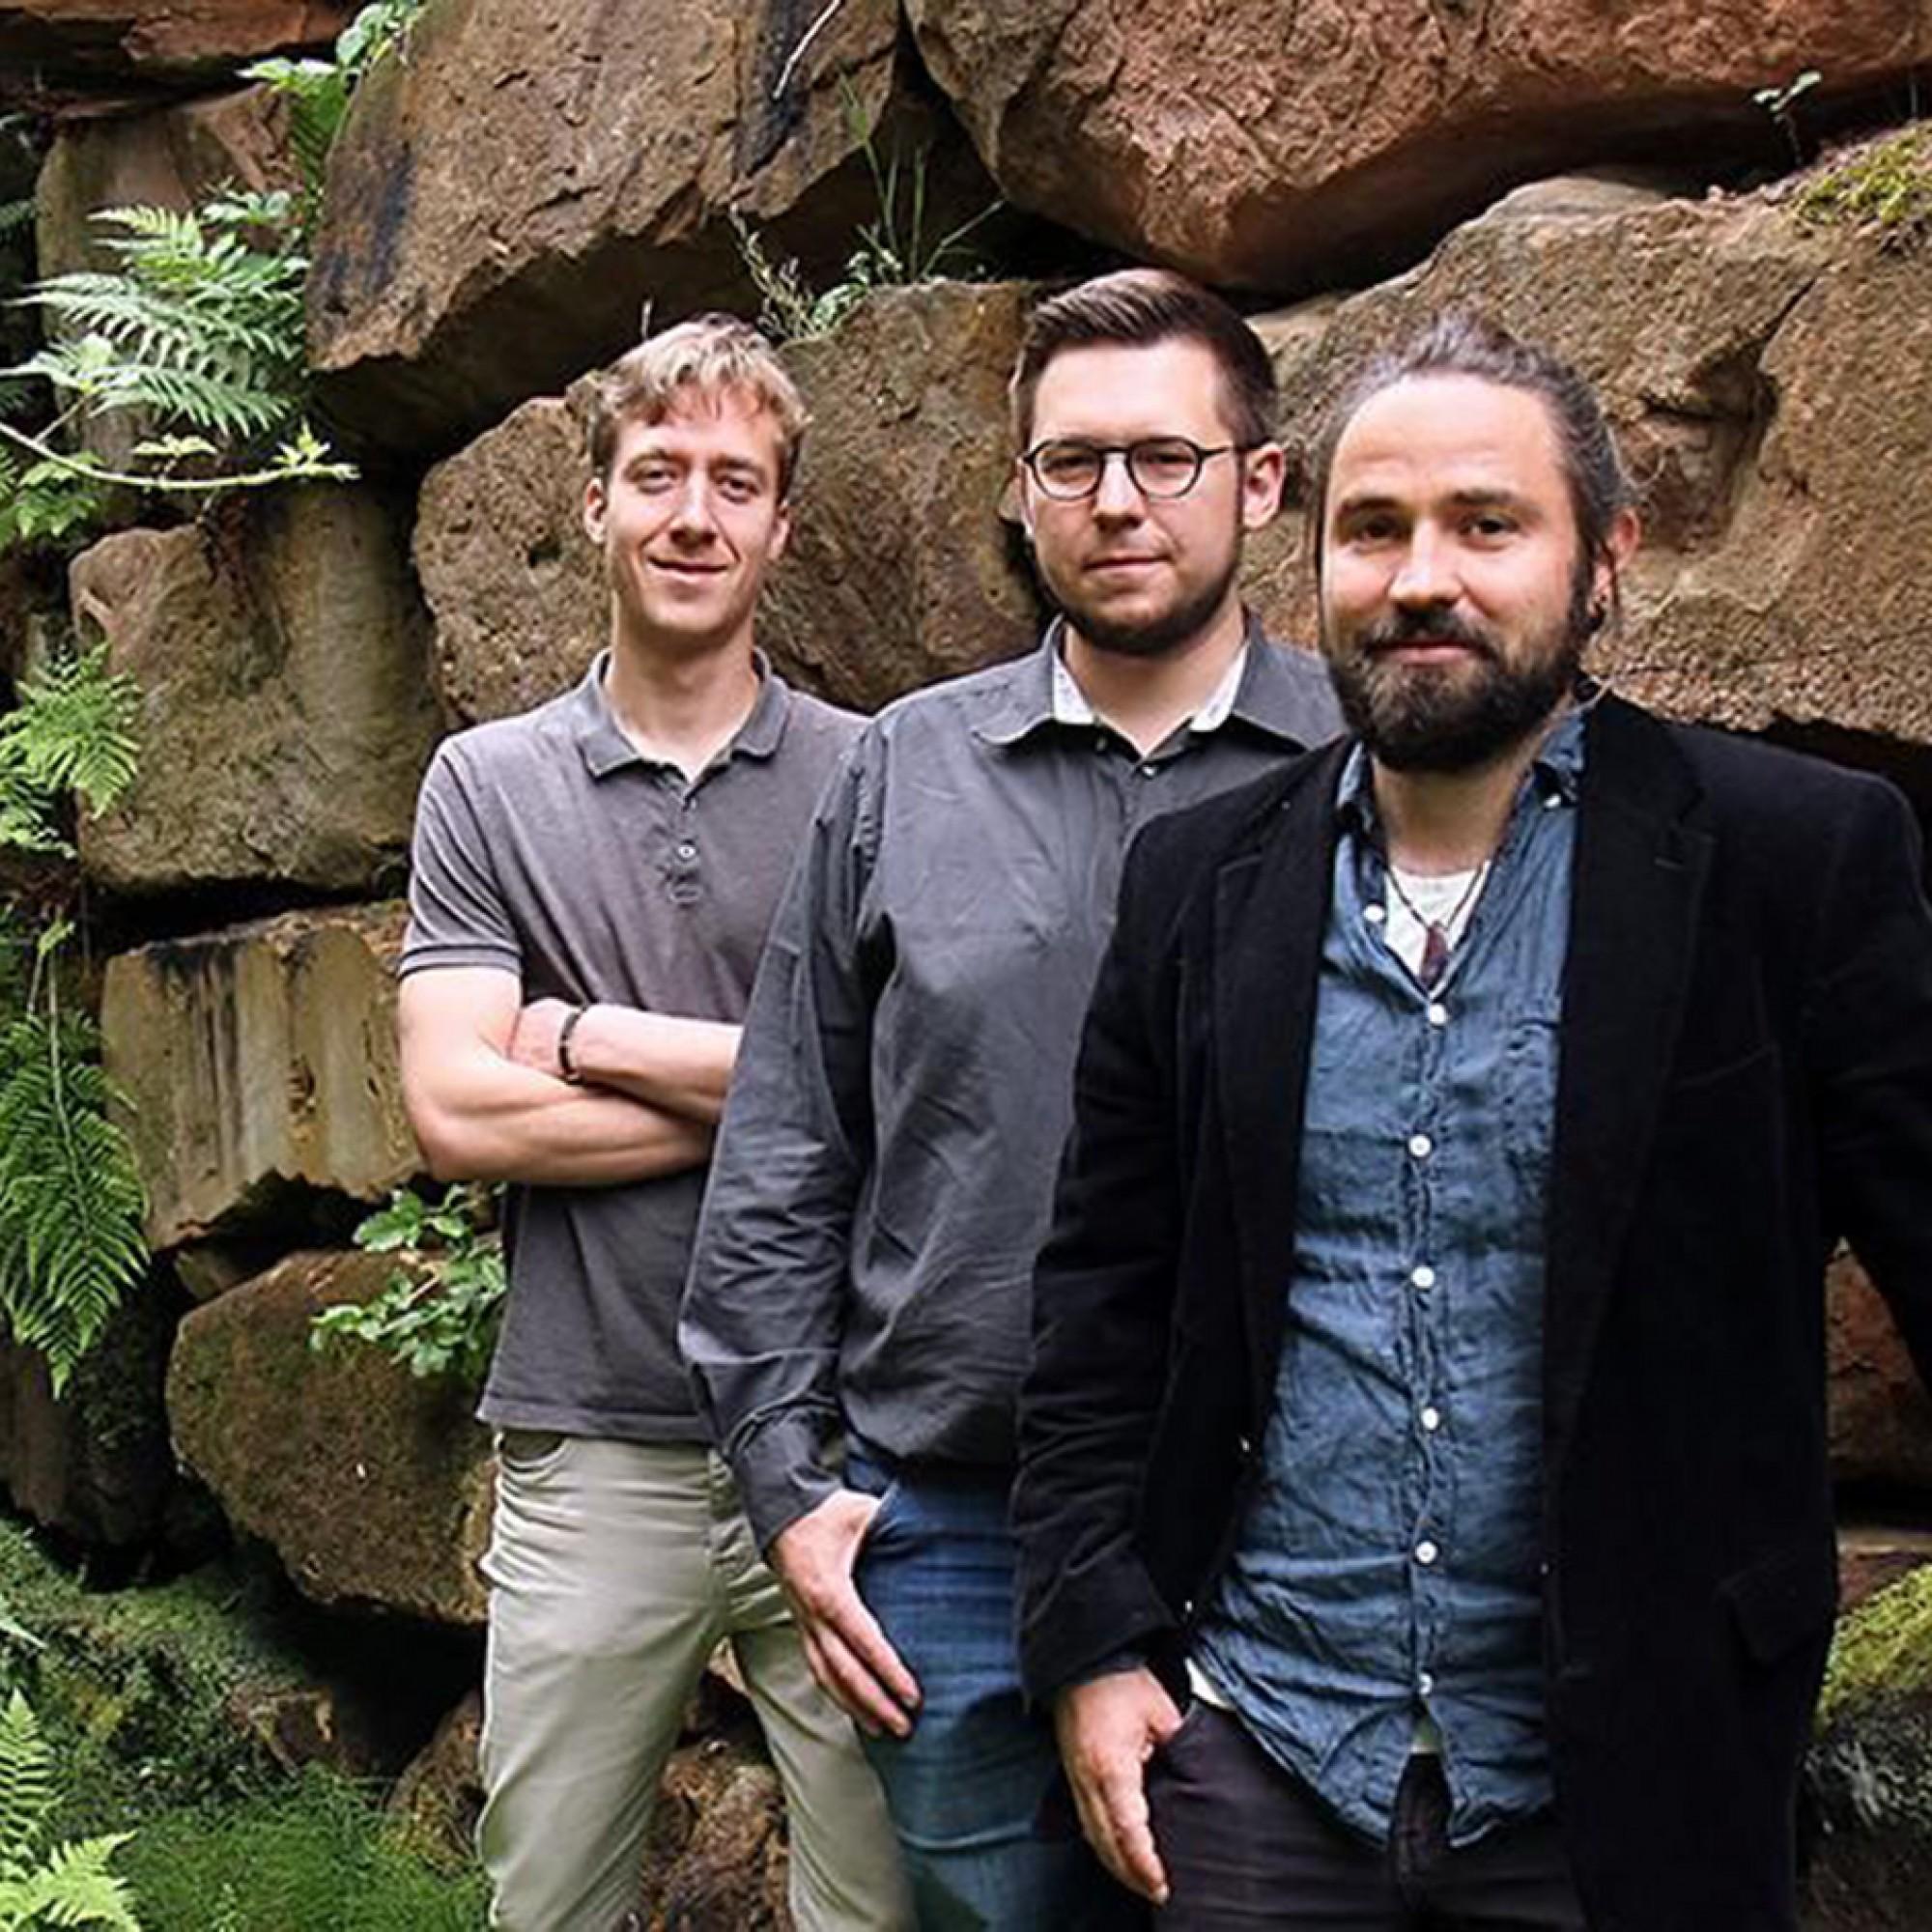 Die Gründer (v.l.n.r.) Martin Hamp, Björn Stichler und Tobias Graf haben die Fassadenbegrünung entwickelt.